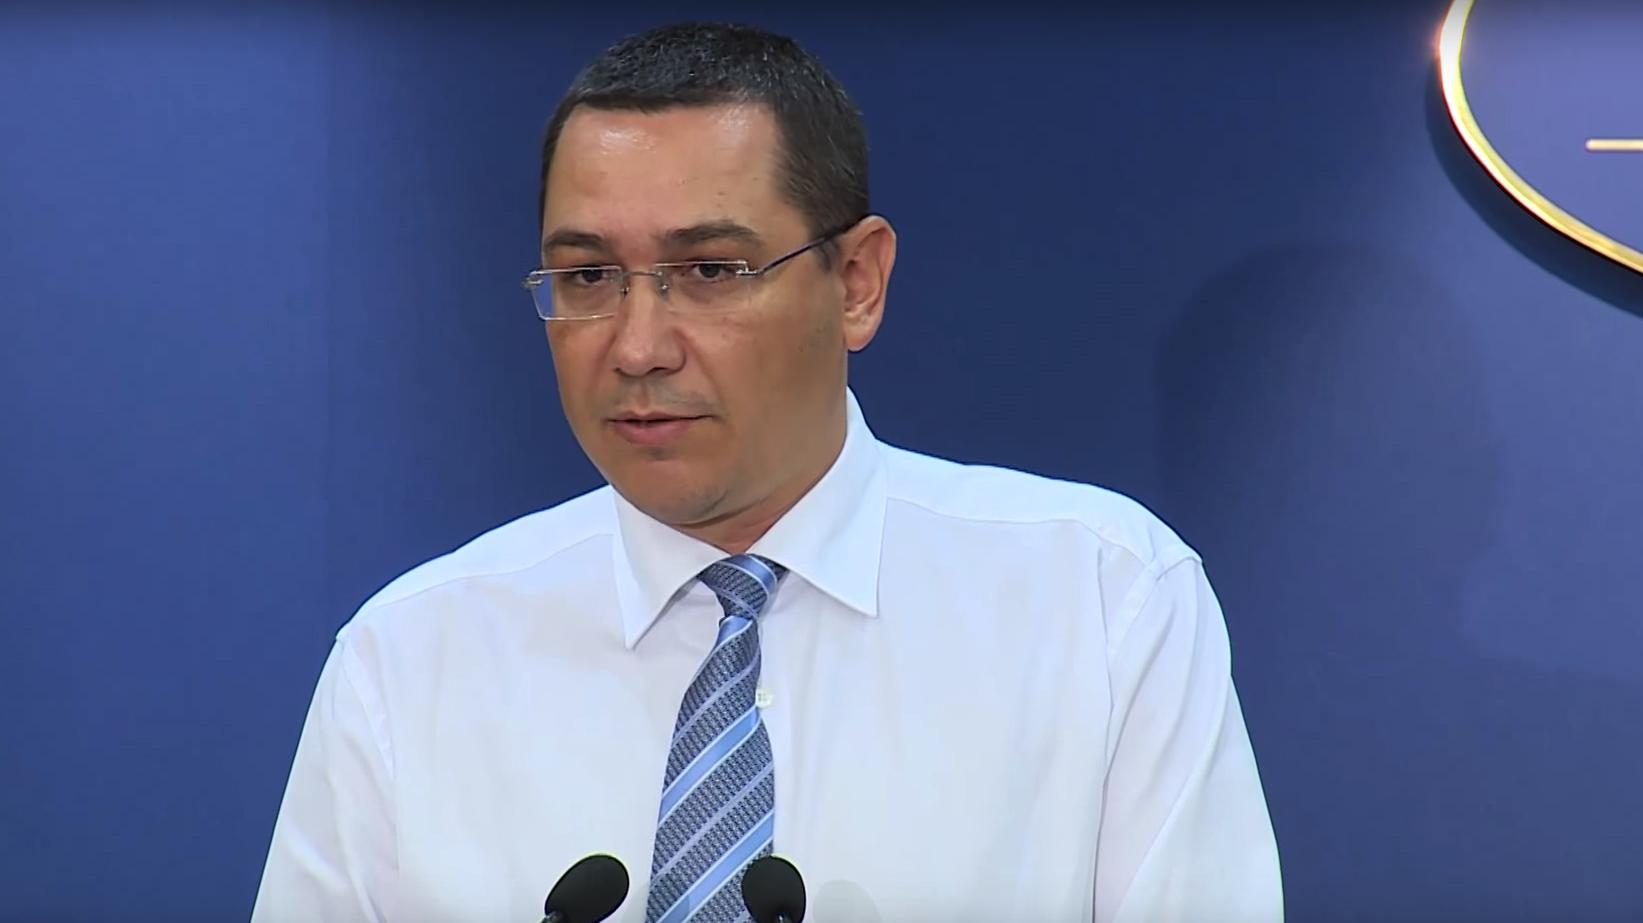 Victor Ponta: Ni s-a spus foarte clar. In urmatoarea sedinta JAI se voteaza contra aderarii Romaniei la Schengen